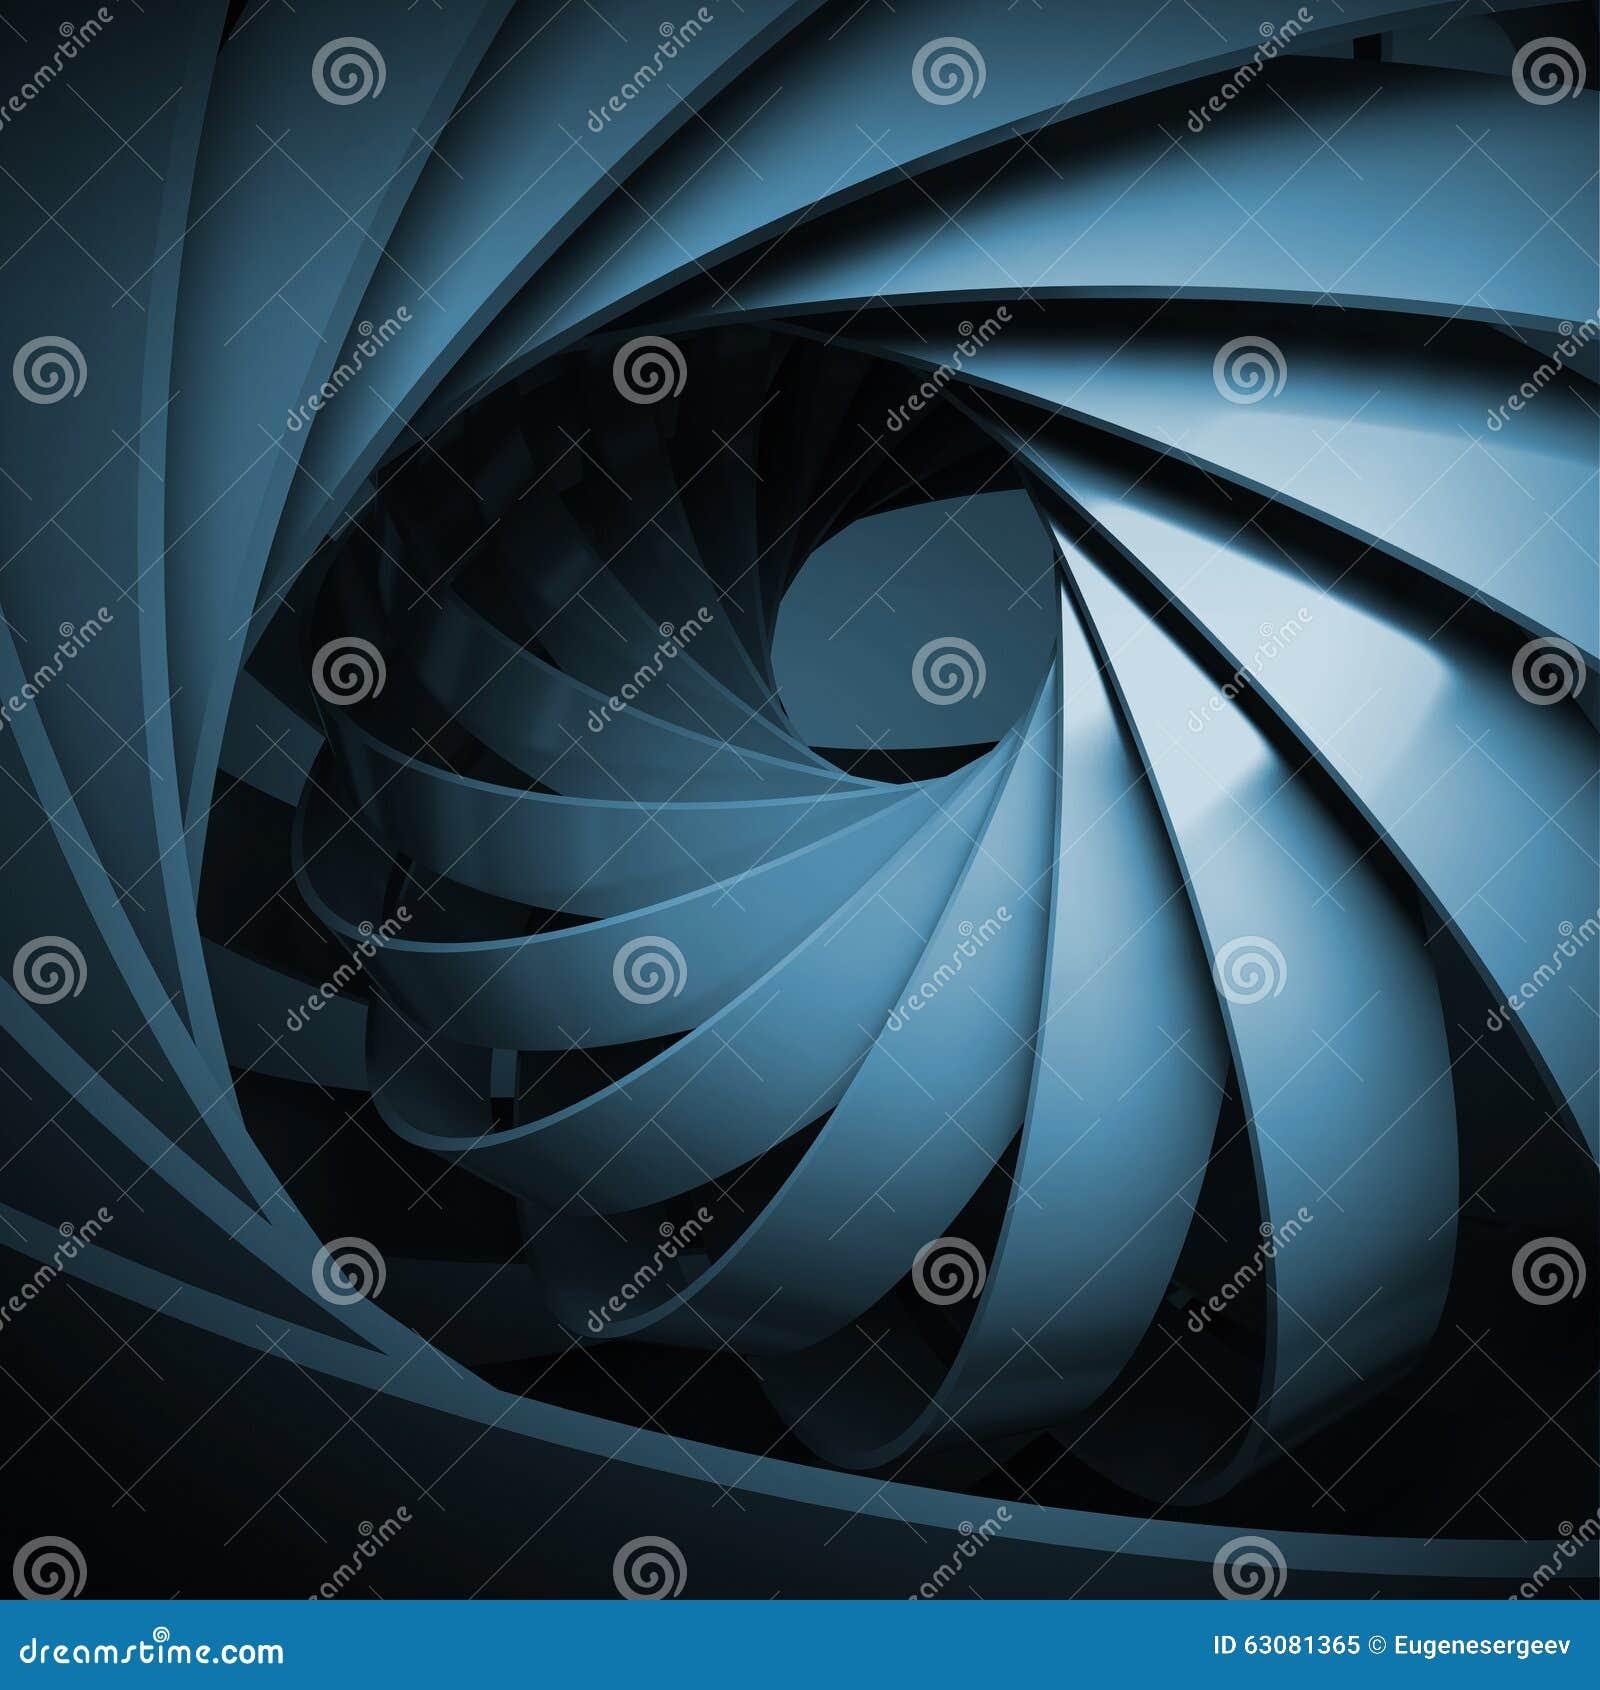 Abstracte digitale achtergrond met donkerblauwe 3d spiraal